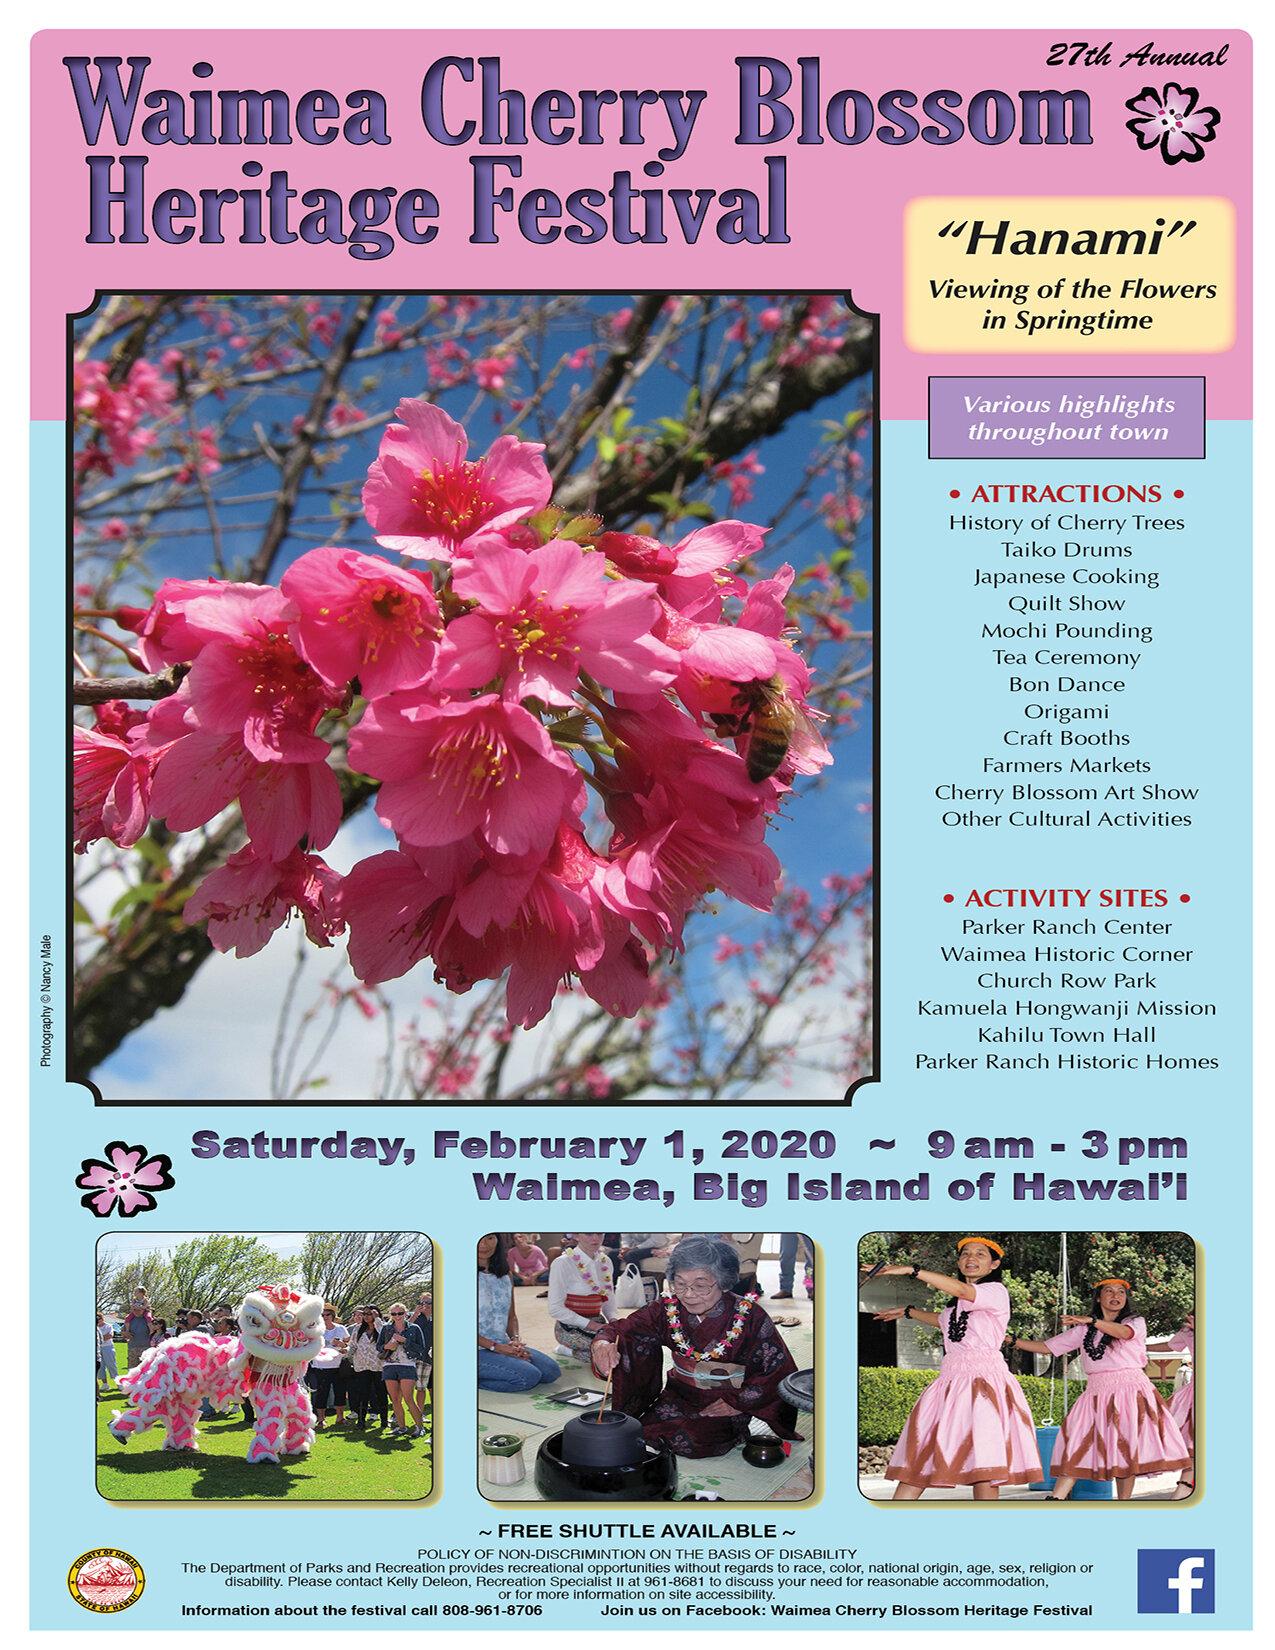 Waimea Christmas Parade 2020 Waimea Cherry Blossom Heritage Festival — Waimea Community Association